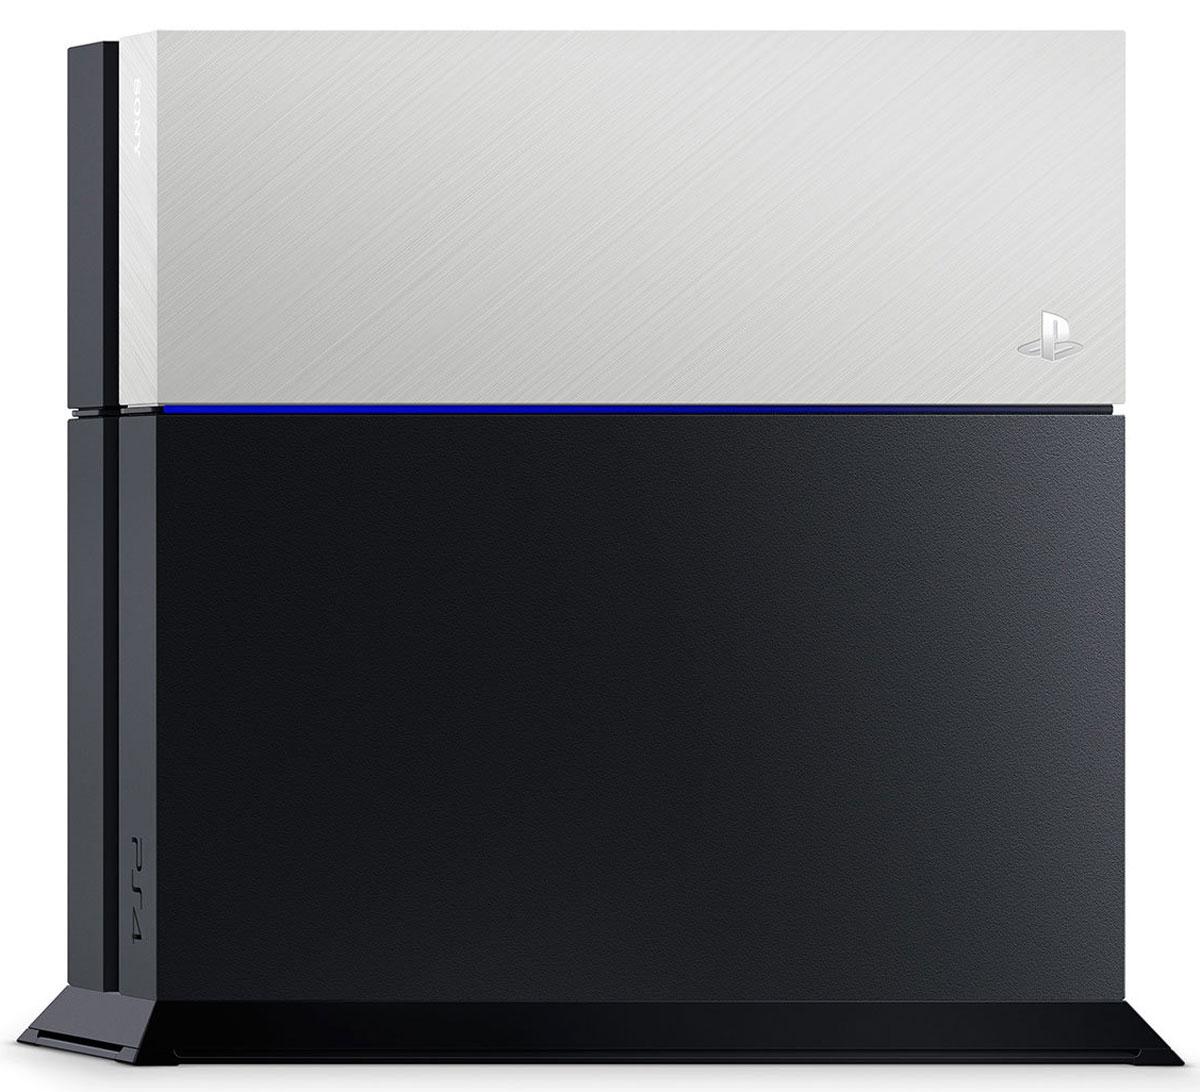 Дополнительная крышка для жесткого диска PS4 (серебряная)1CSC20002113Настройте PS4 под себя! Добавьте яркого цвета вашей PlayStation 4 с этими специальными лицевыми панелями. Они плавно устанавливаются на крышку отсека жесткого диска (HDD), а ваша система PS4 мгновенно приобретаетновый облик.